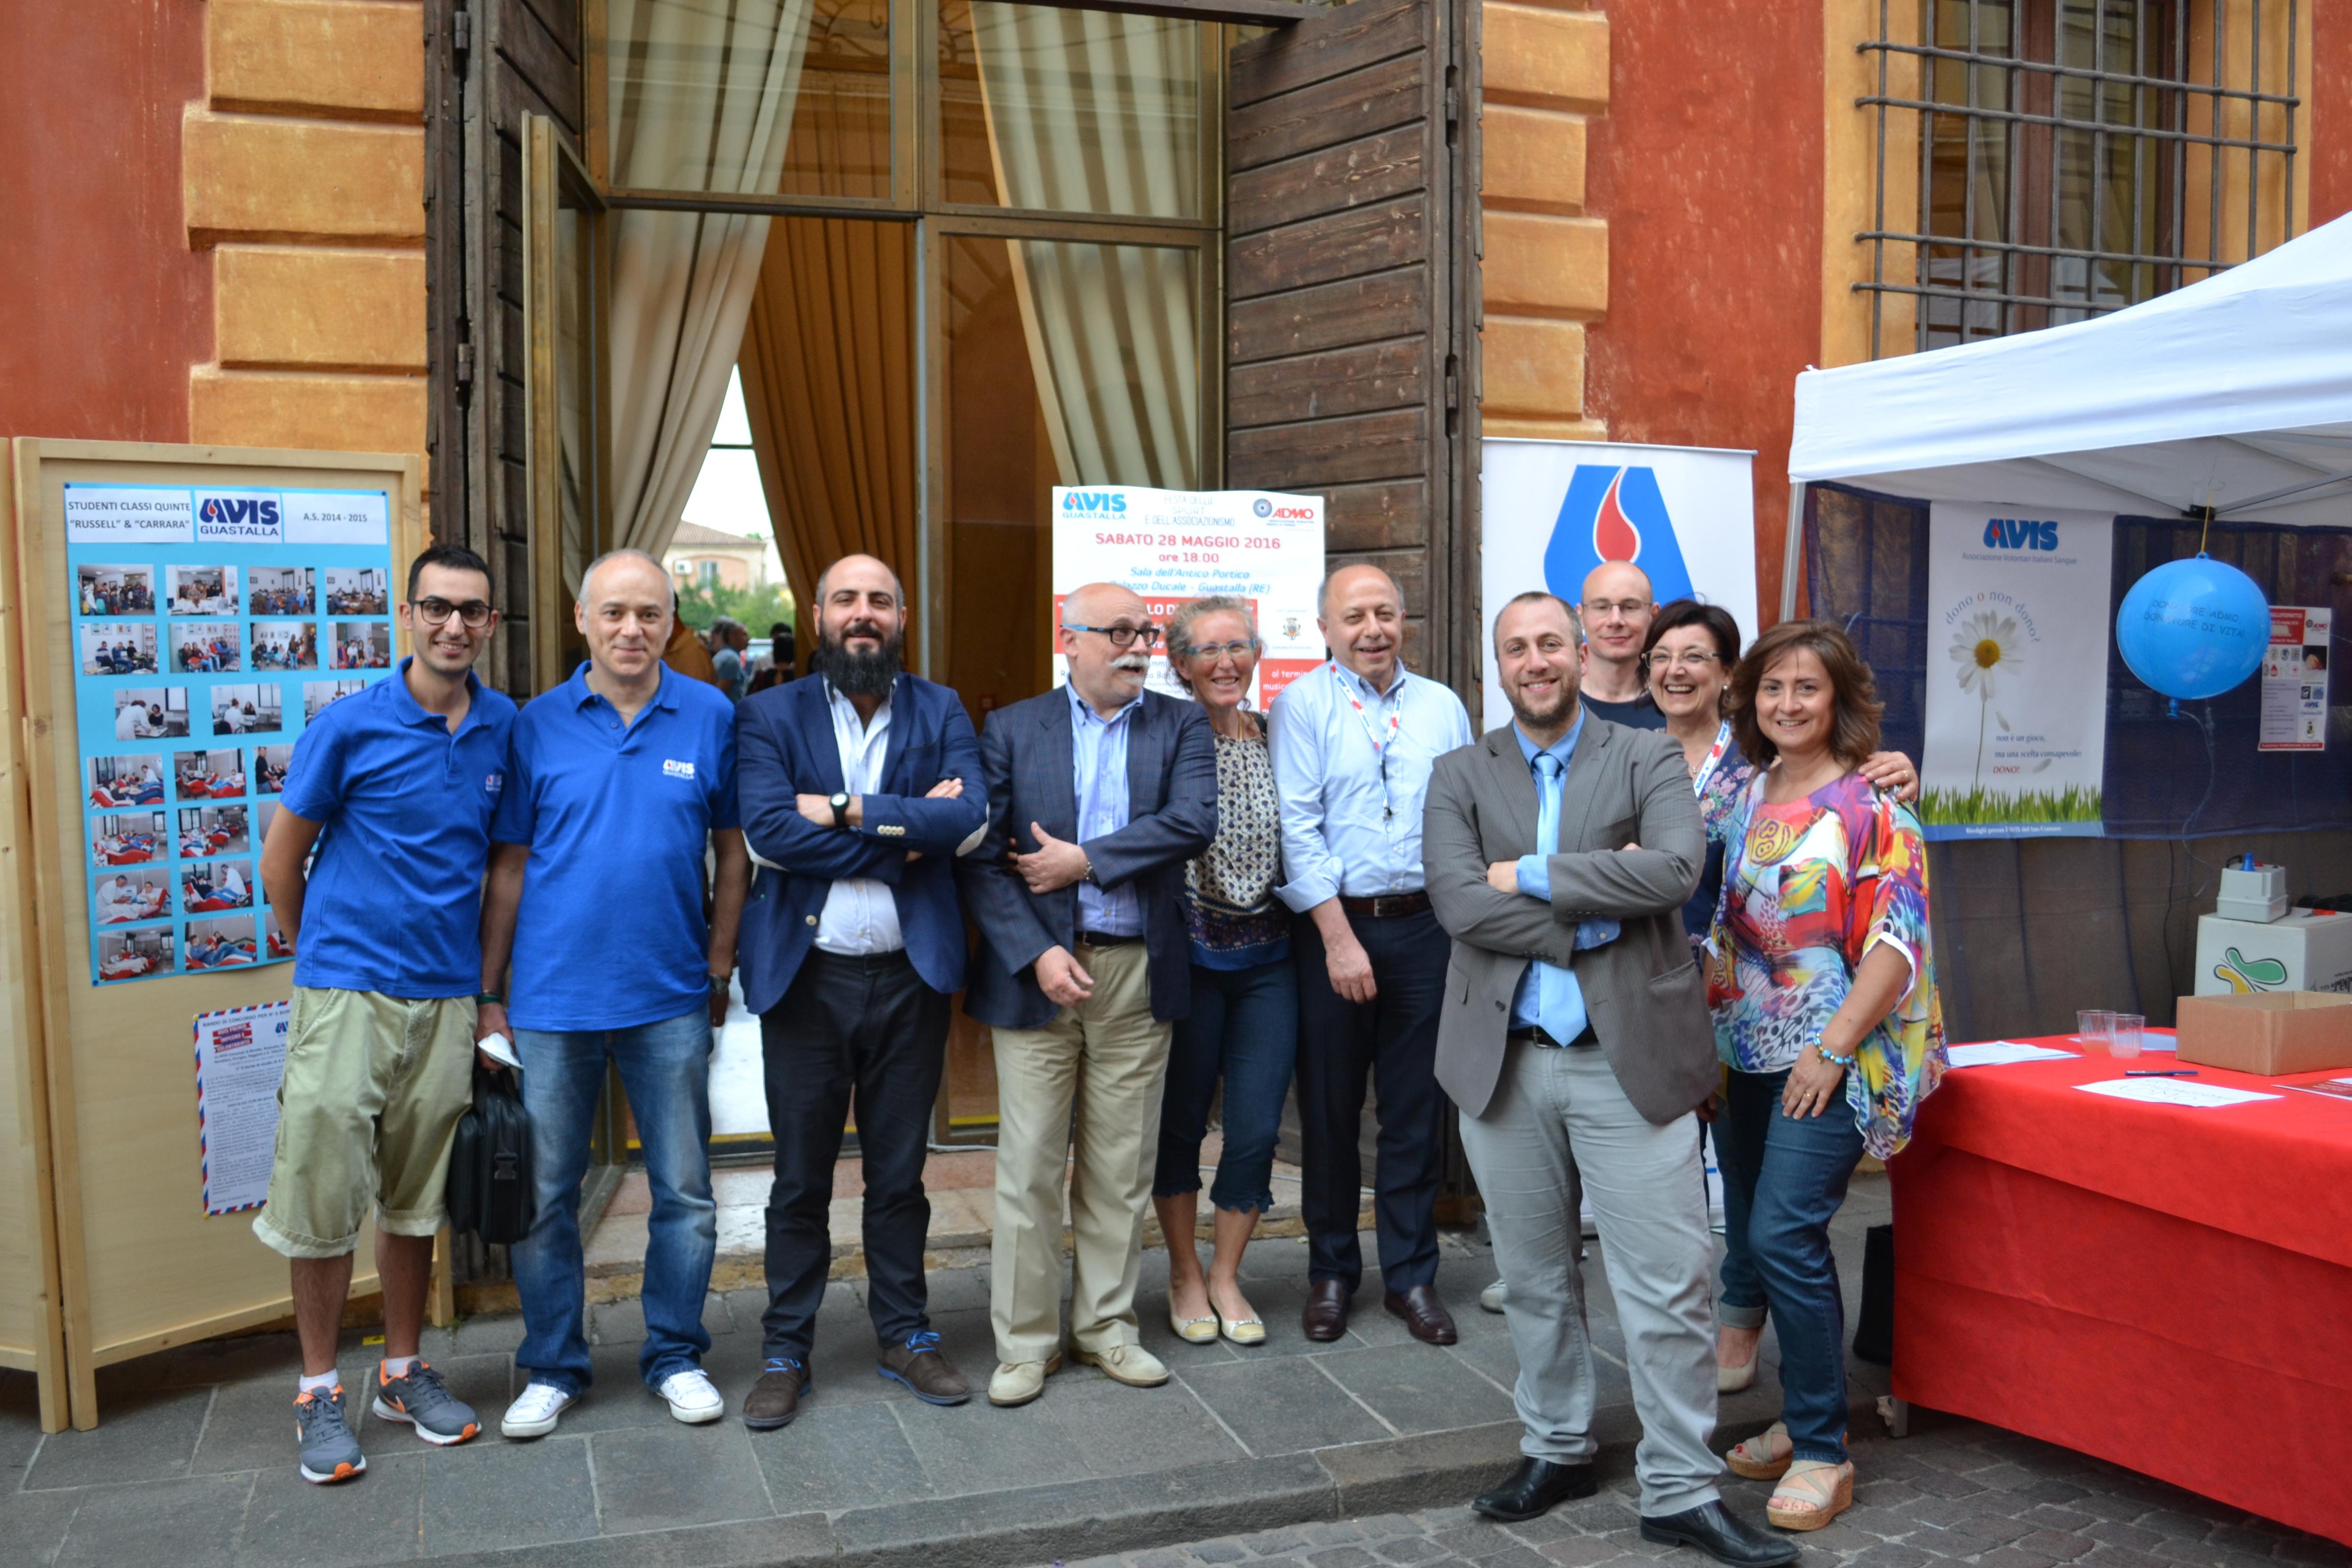 Lo staff organizzativo e alcuni degli ospiti posano per una foto insieme a conclusione dell'evento